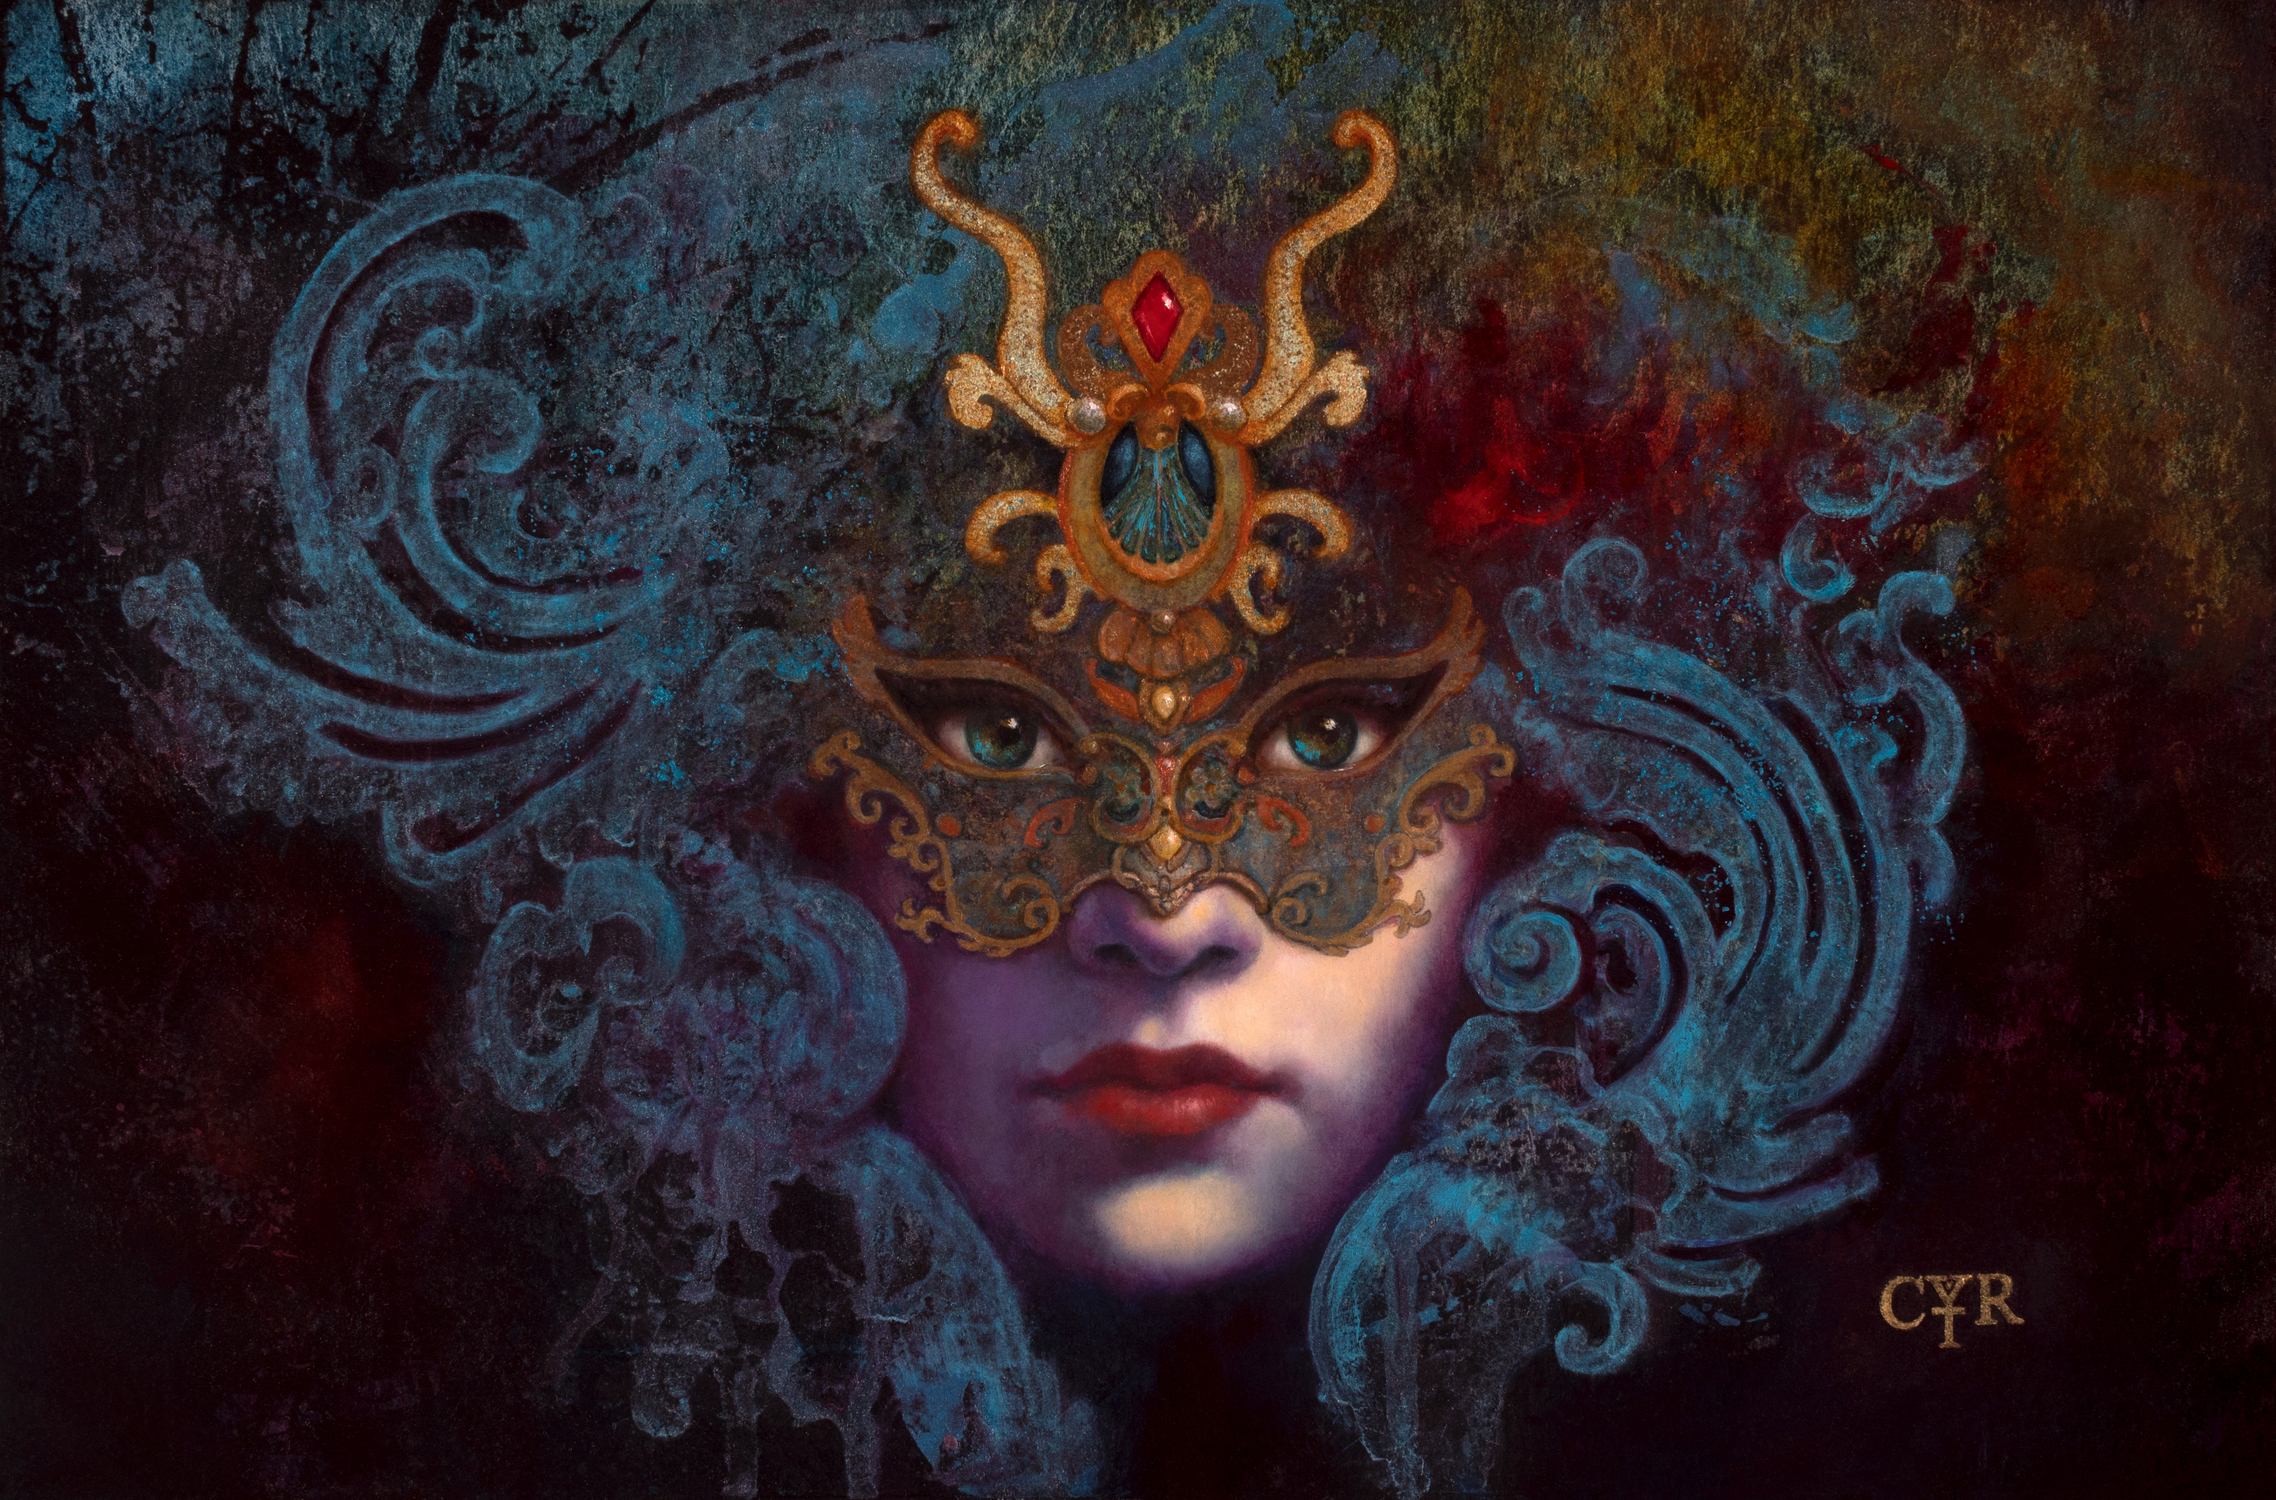 Transformation Artwork by Lisa L. Cyr